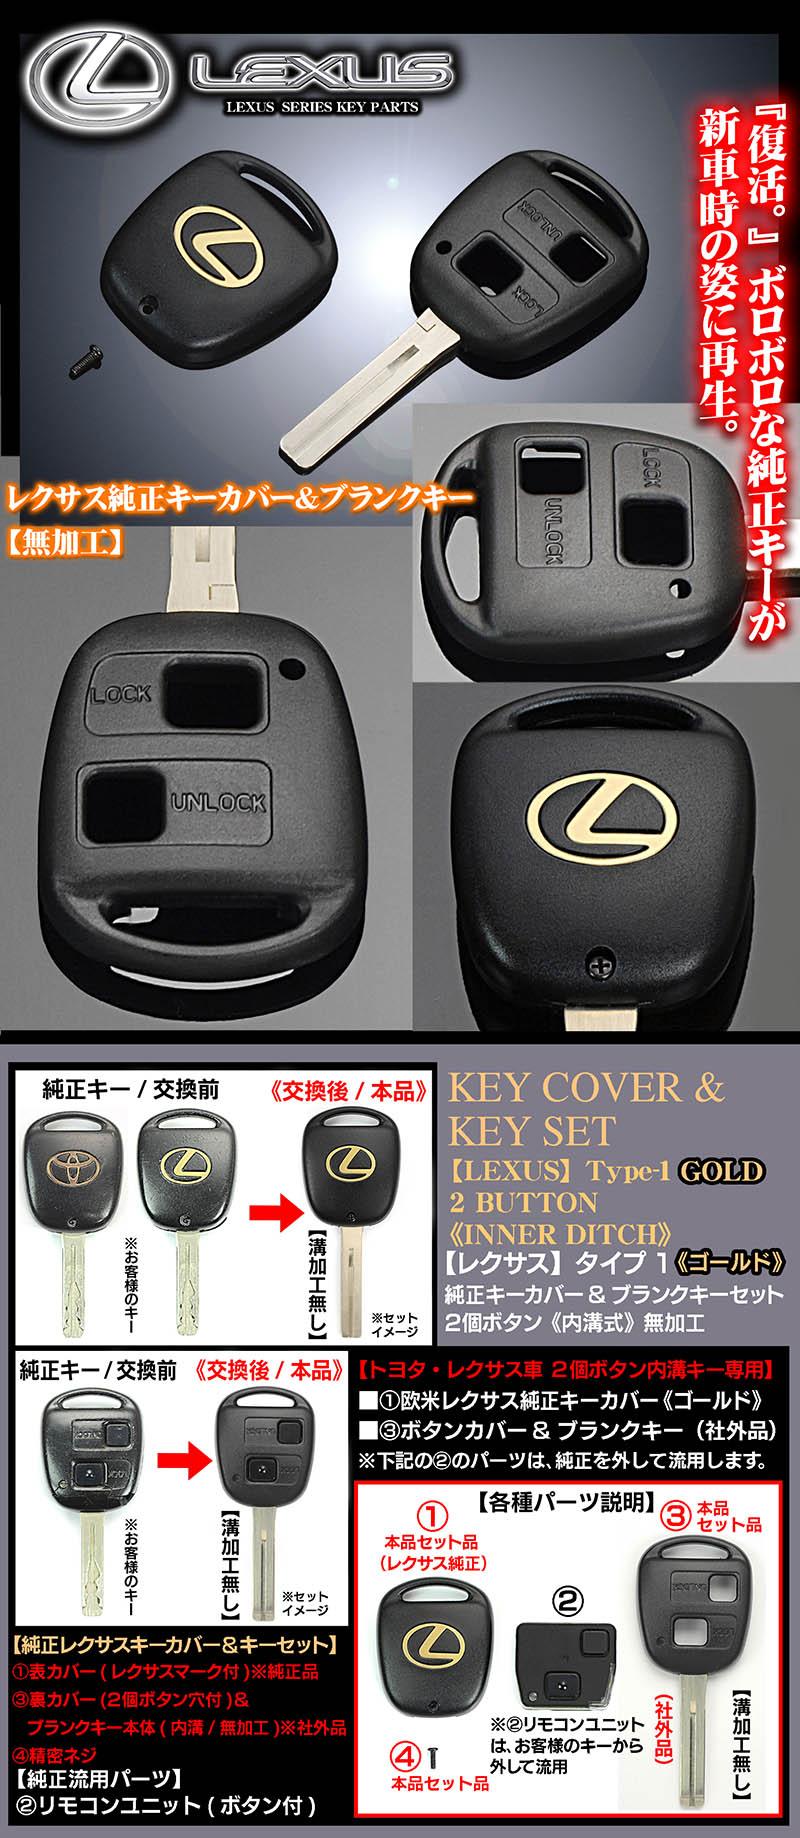 2個ボタン/ゴールド/レクサスLマーク[タイプ1]レクサスキーカバー&ブランクキーセット[内溝無加工]3個ボタン専用/ブラガ